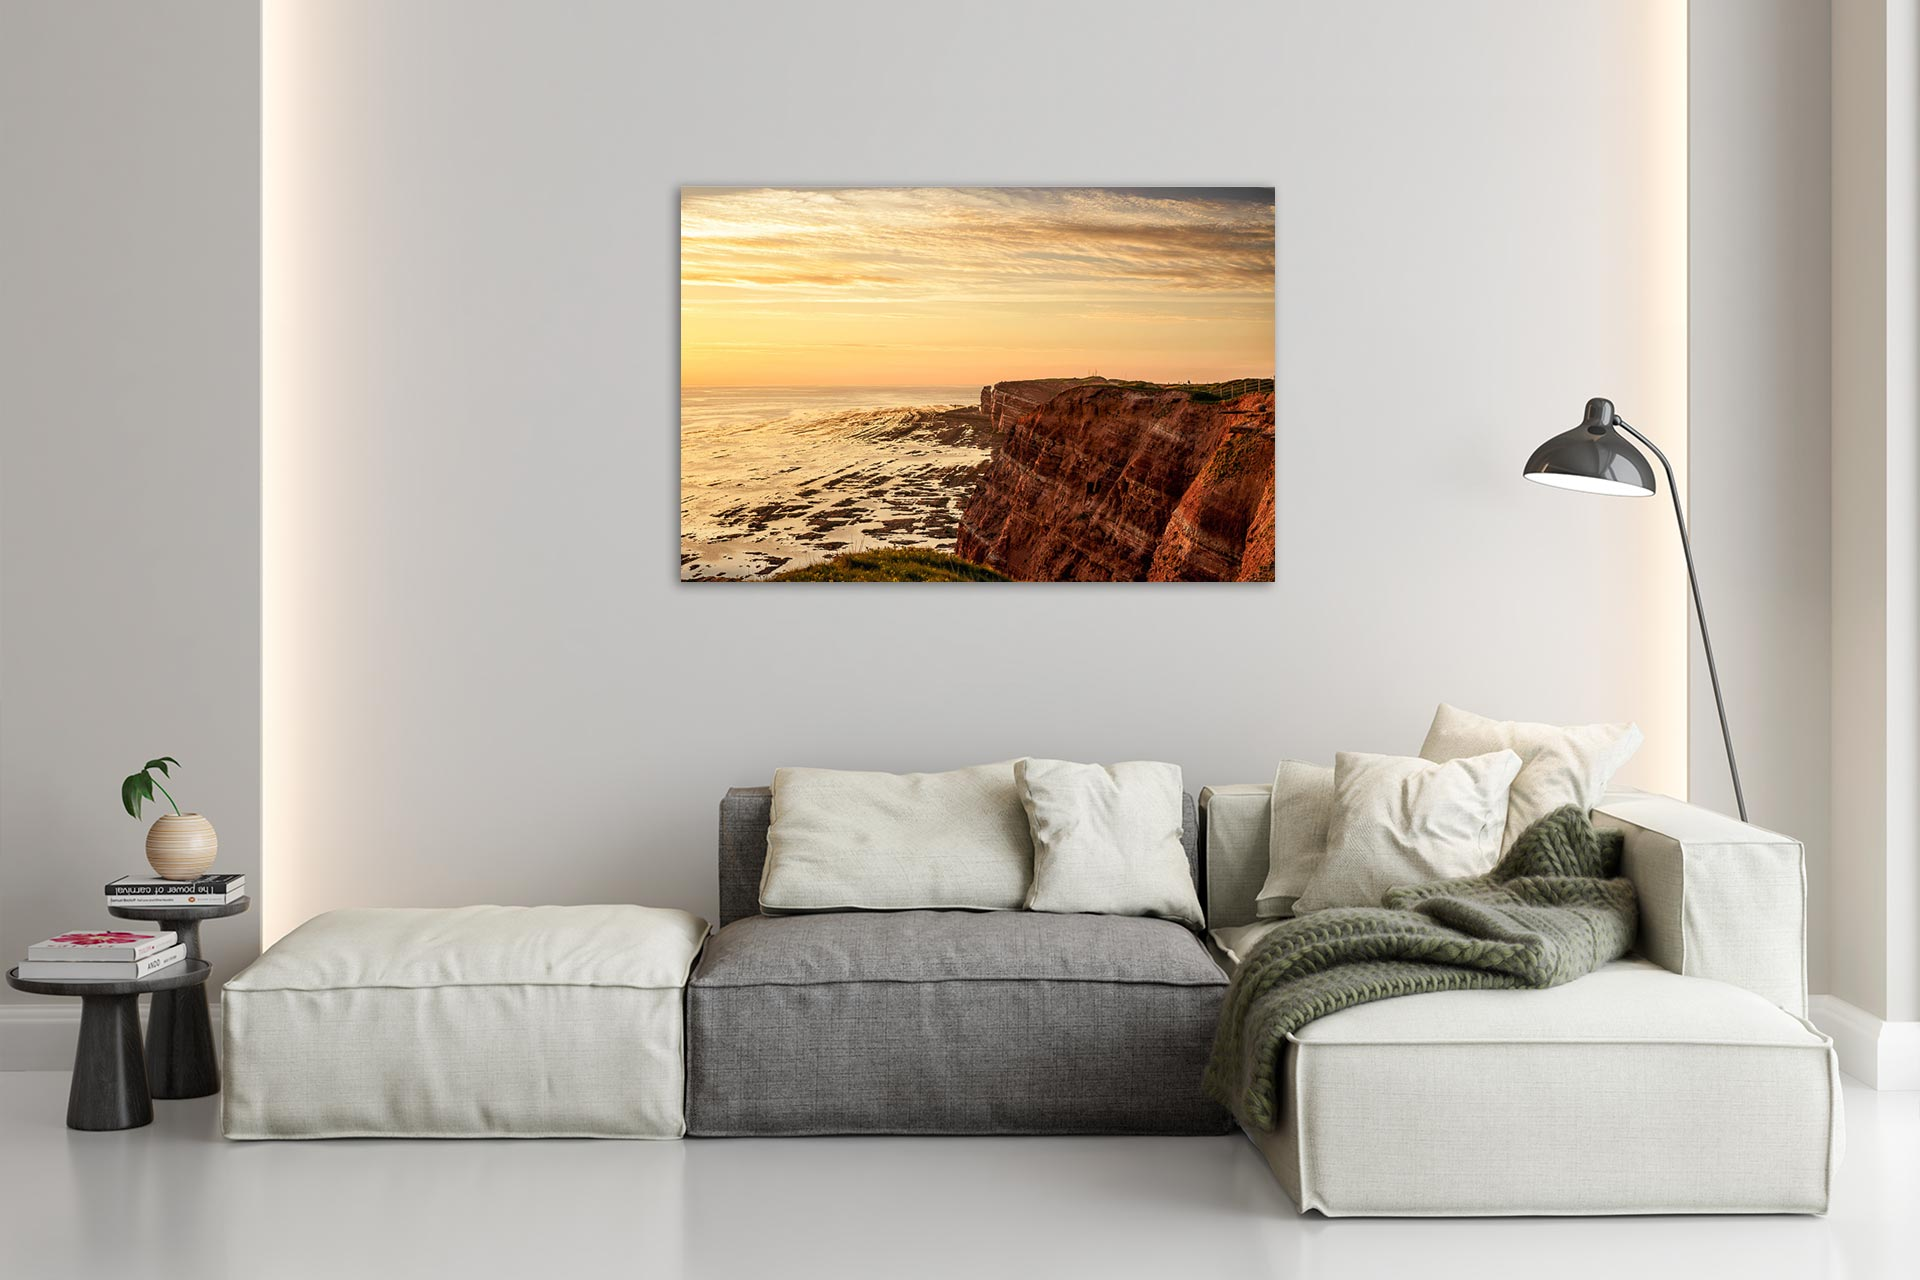 TG471-helgoland-wandbild-bild-auf-leinwand-acrylglas-aludibond-wohnzimmer